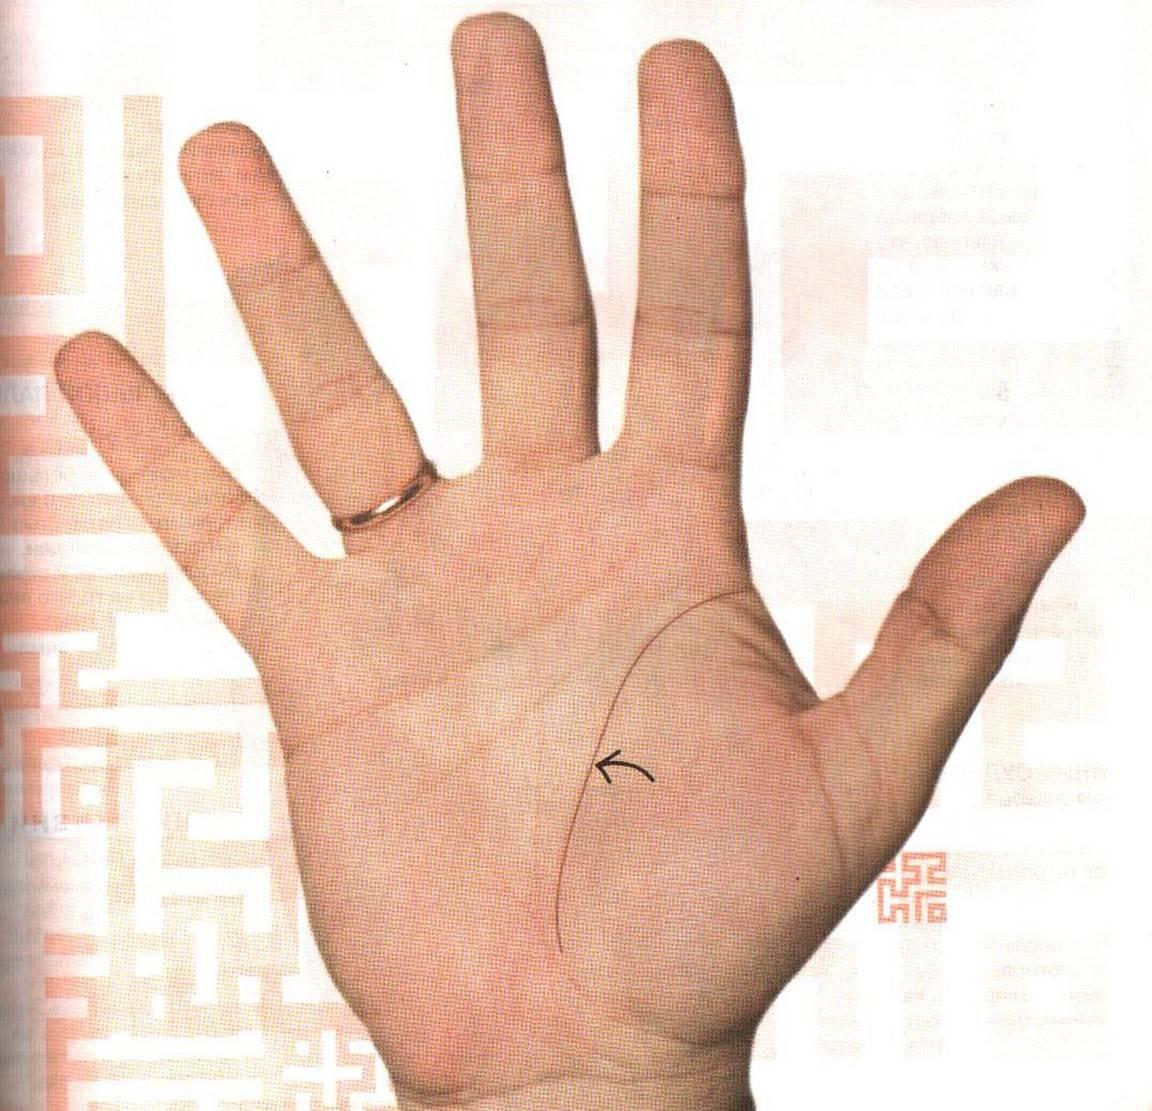 Руки известных людей, хиромантия, особые знаки